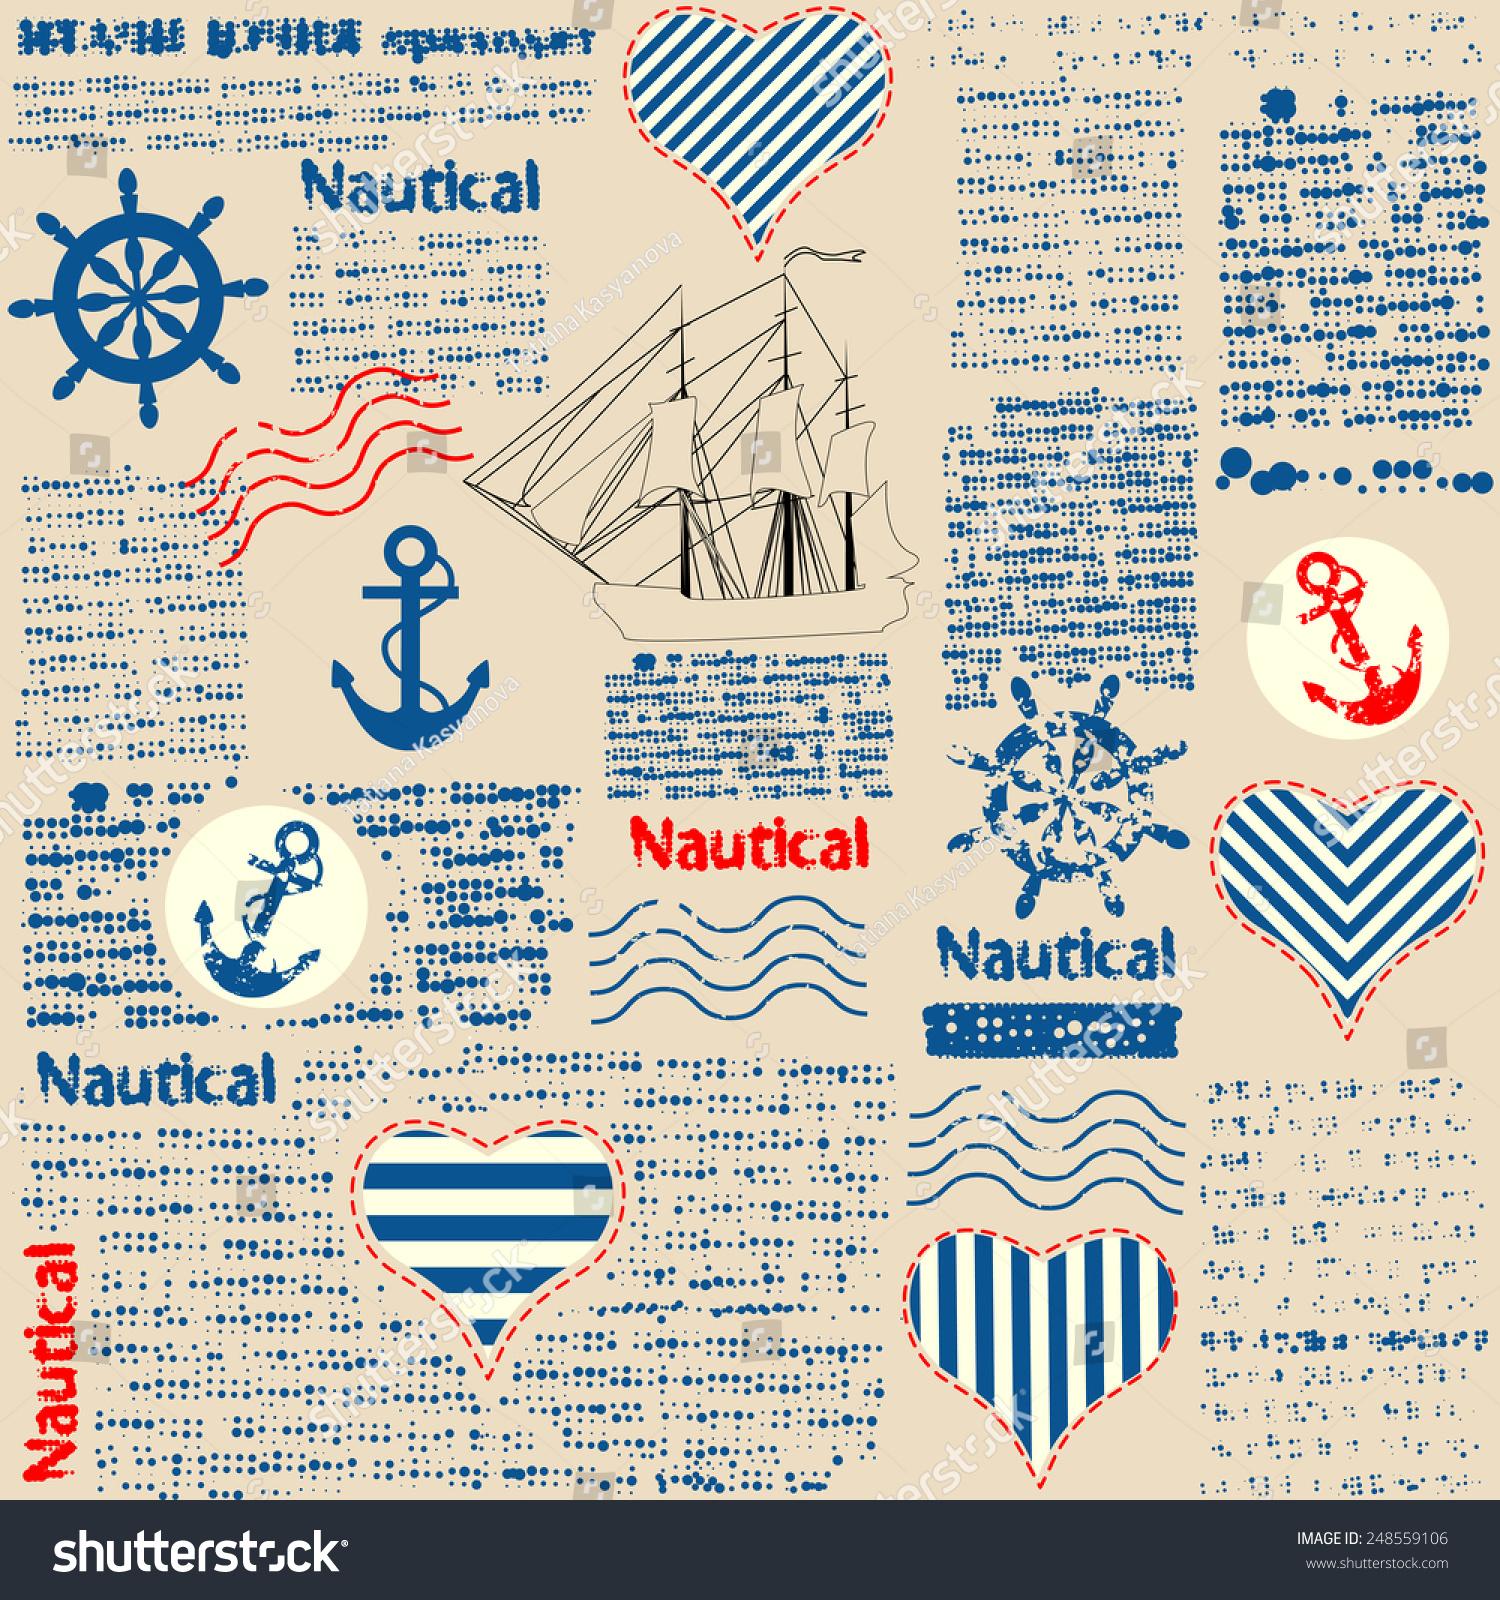 Key Elements Of Nautical Style: Imitation Newspaper Nautical Style Grunge Elements Stock